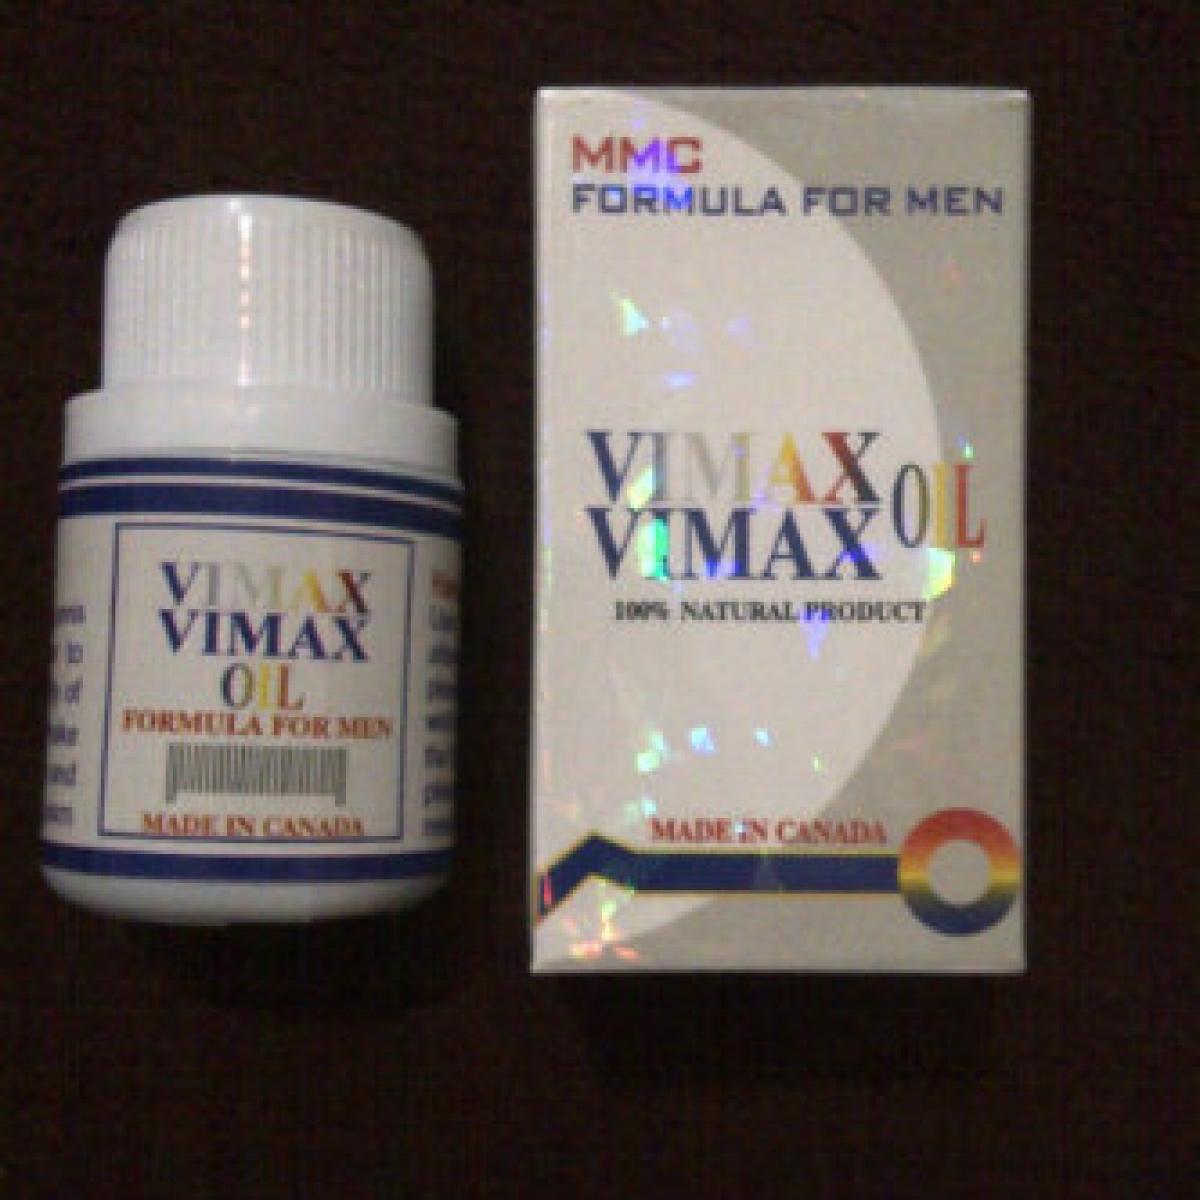 jual vimax oil di sragen 082227726476 minyak pembesar alat vital